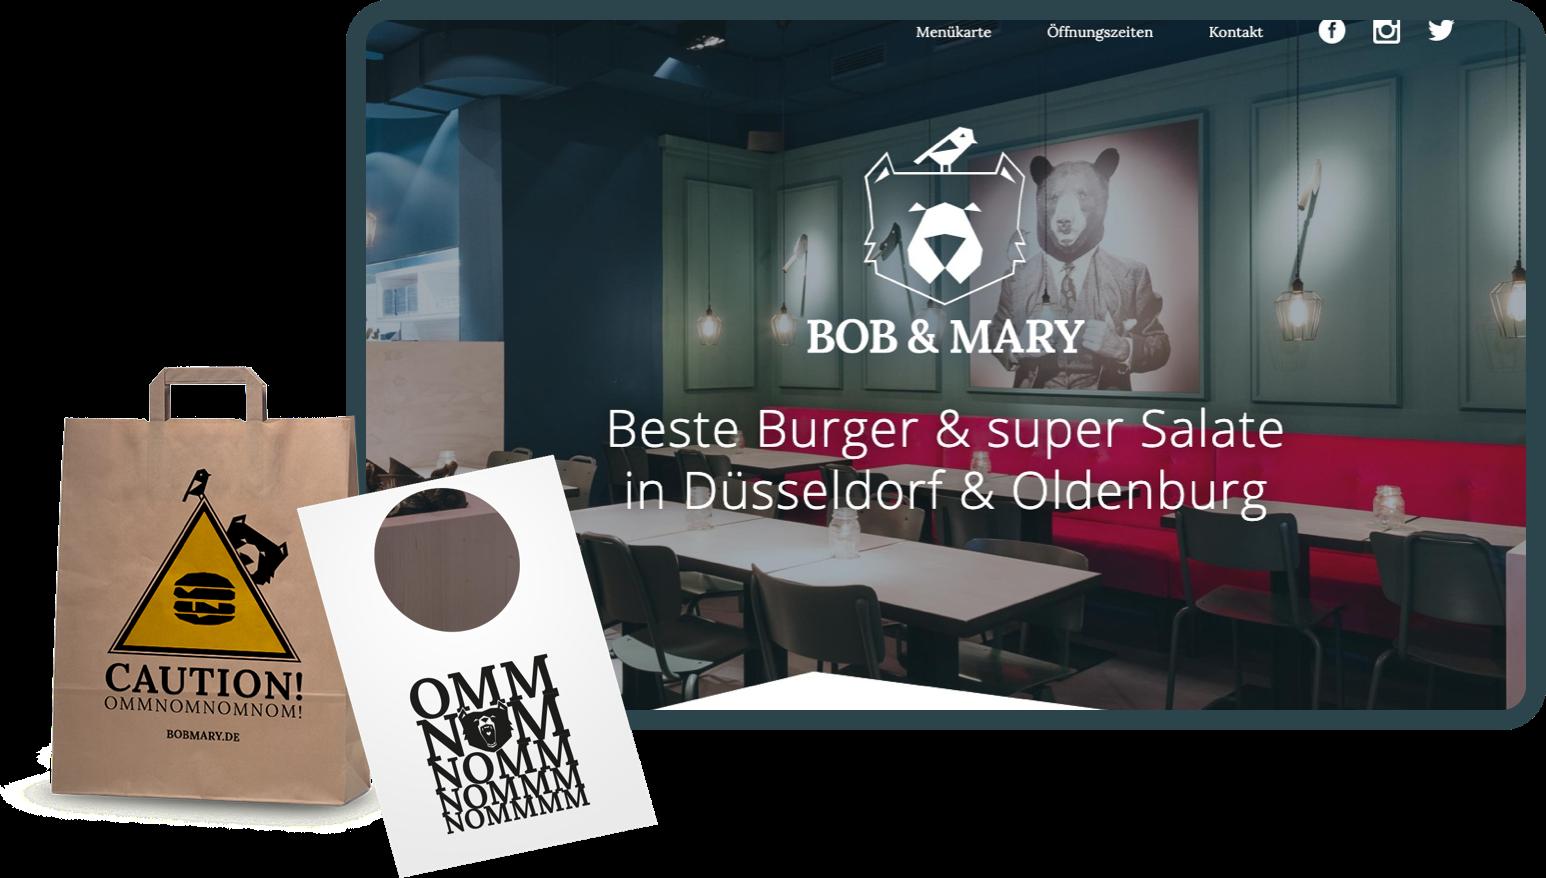 Bob&Mary - Corporate Design und Gestaltung einer Webseite für ein Restaurant. Ein Case von Matteng - Webdesign Freelancer aus Düsseldorf. Schau mal rein!